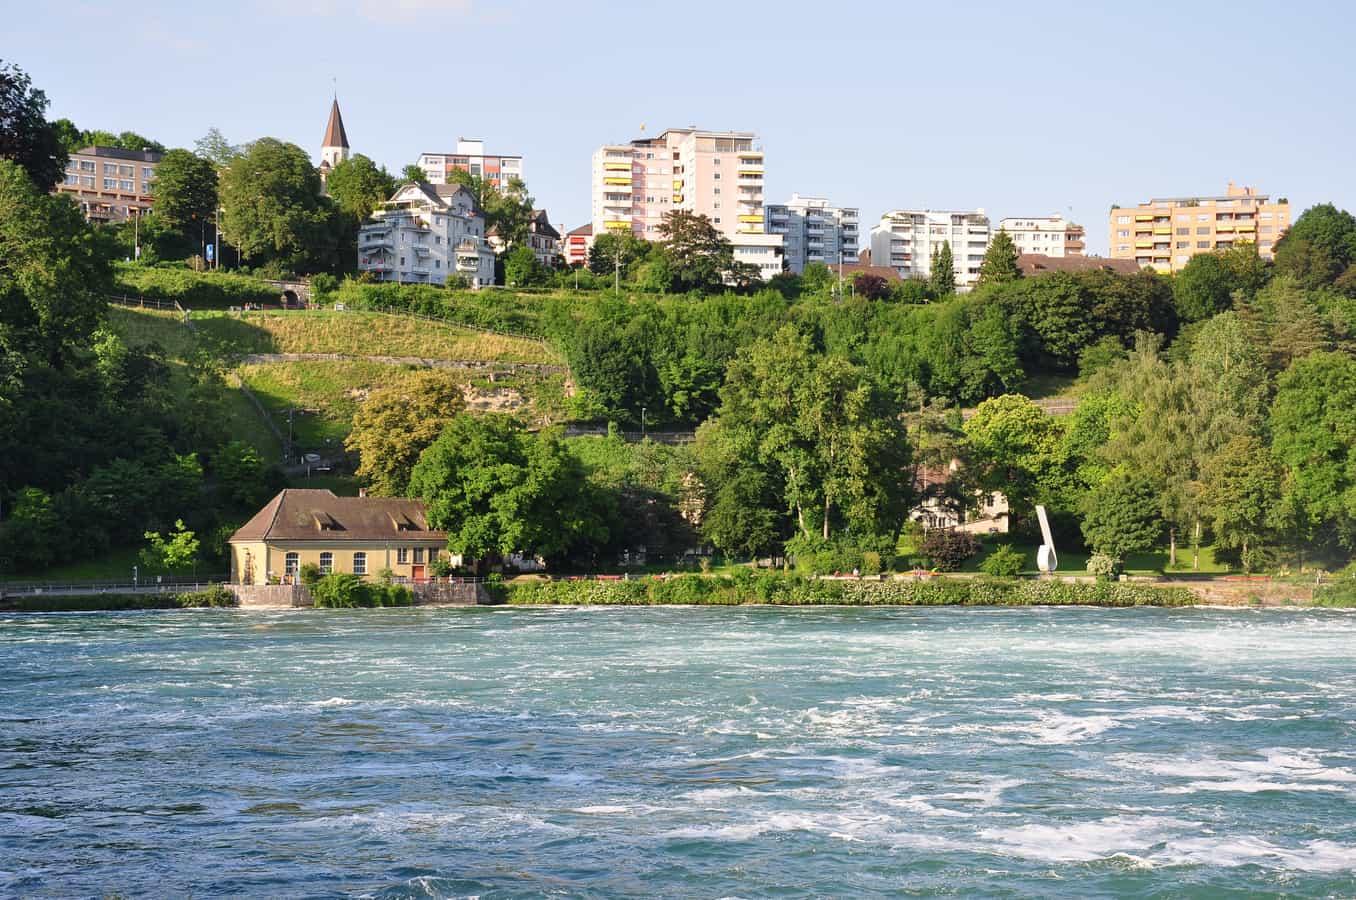 Ansicht von Laufen-Uhwiesen über das Becken des Rheinfalls auf Neuhausen